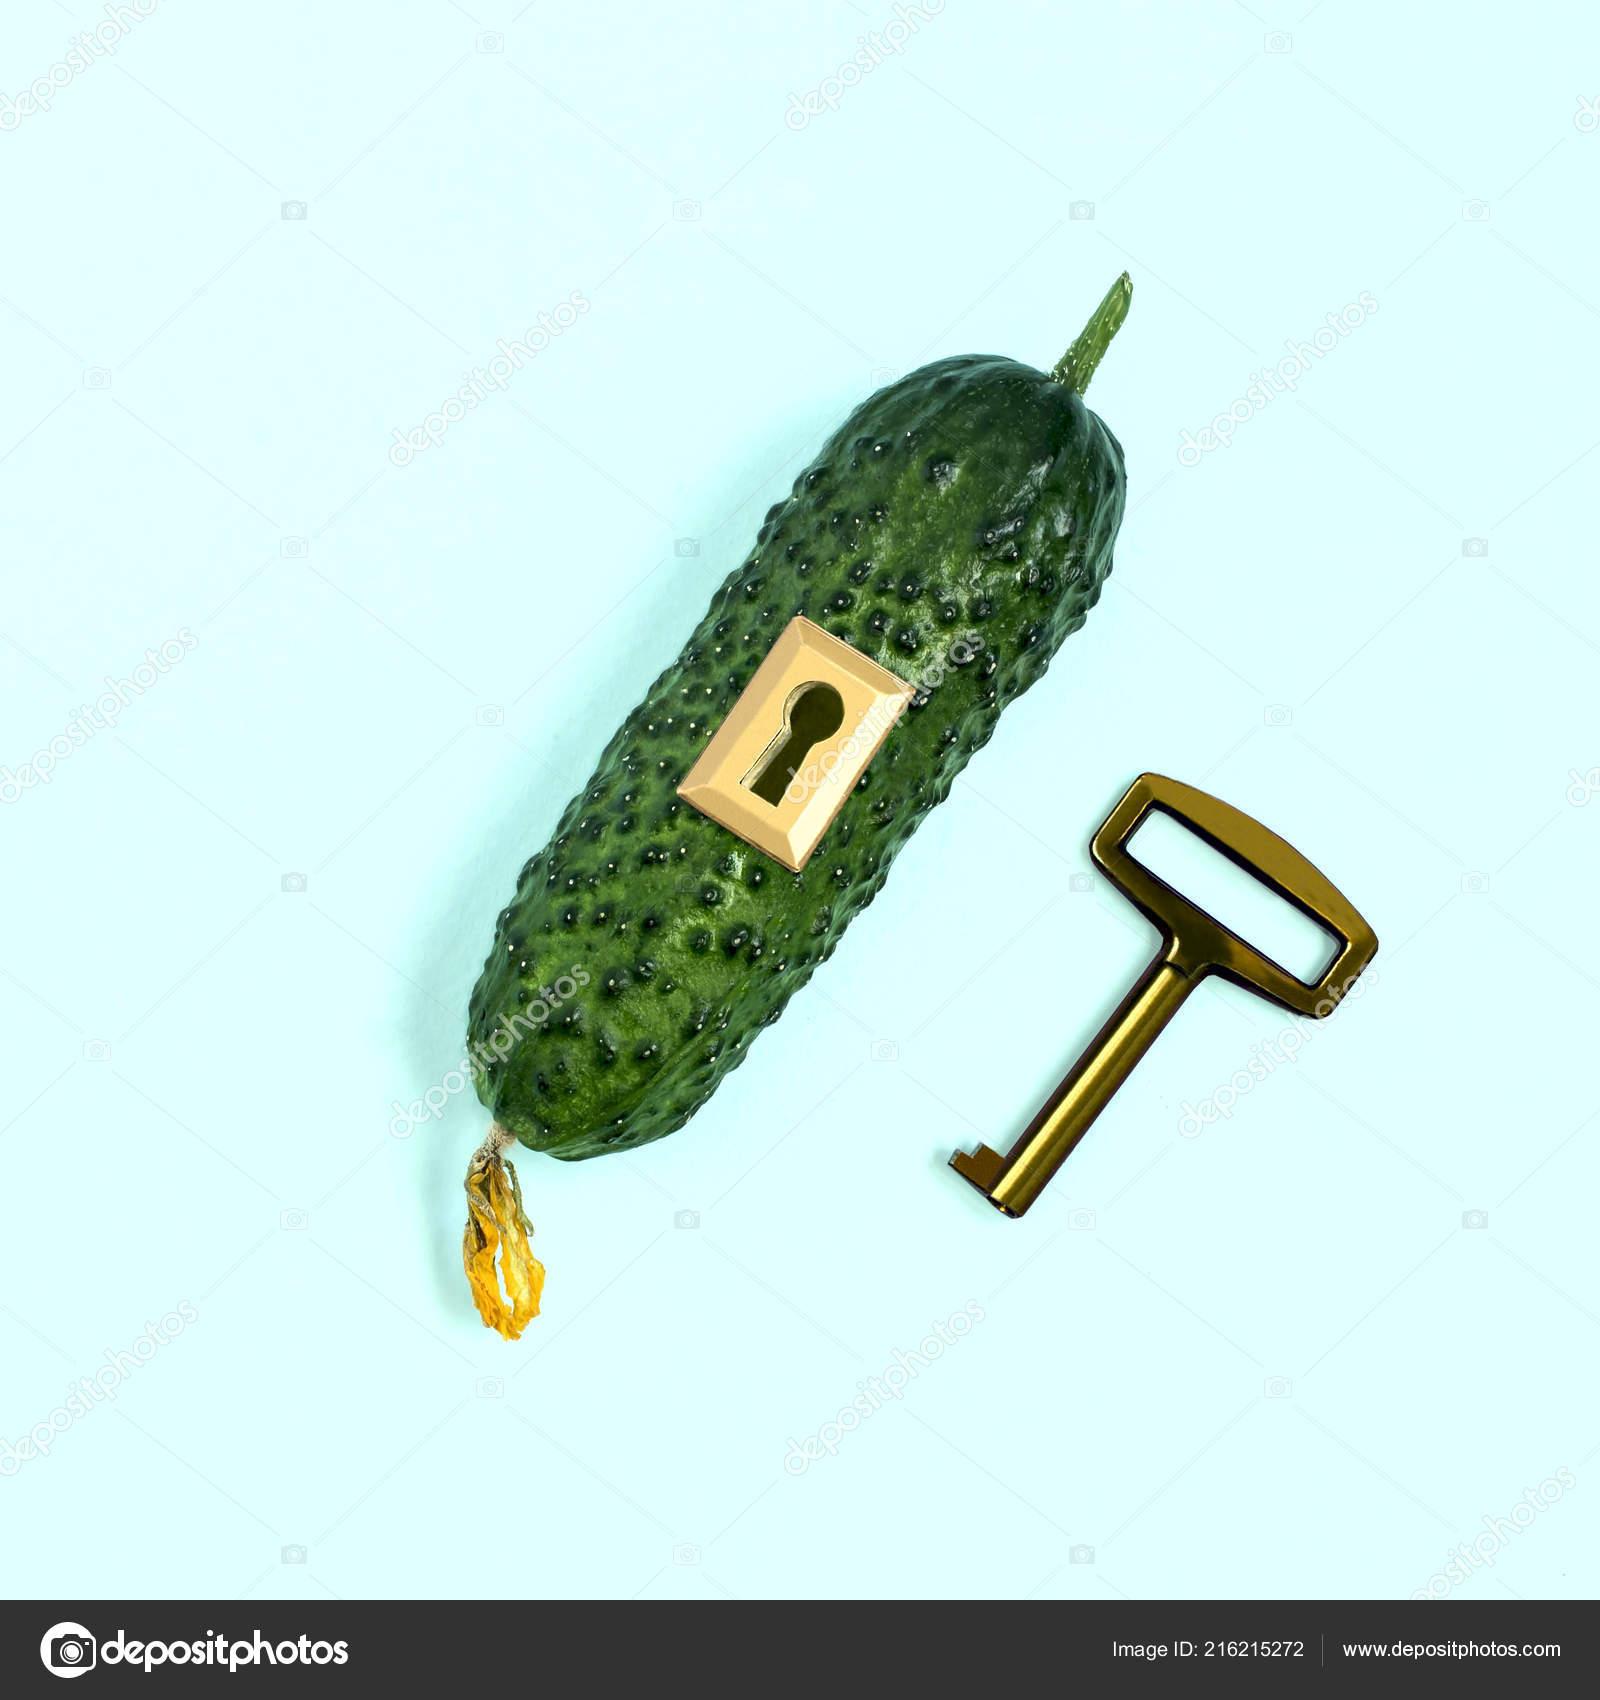 Спелый авокадо замком ключом пастельные голубой предпосылке.